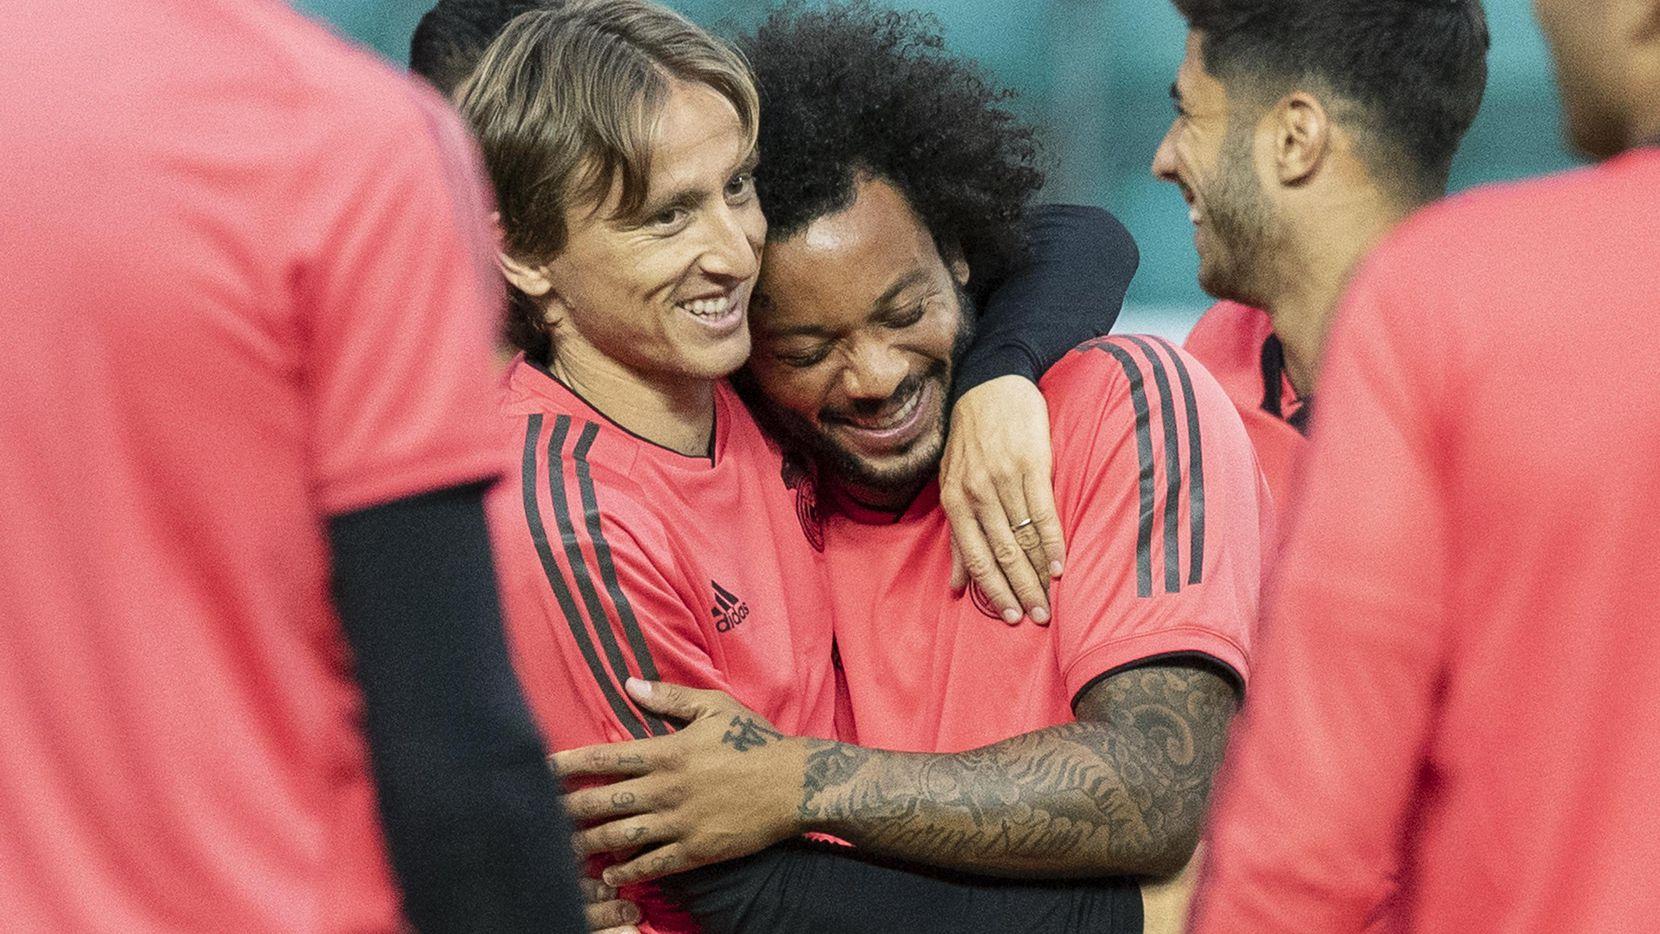 Luka Modric (izq.) abraza a Marcelo, su compañero en el Real Madrid, que el miércoles enfrenta su primer compromiso importante desde la salida de Cristiano Ronaldo y Zinedine Zidane. (AP/Pavel Golovkin)